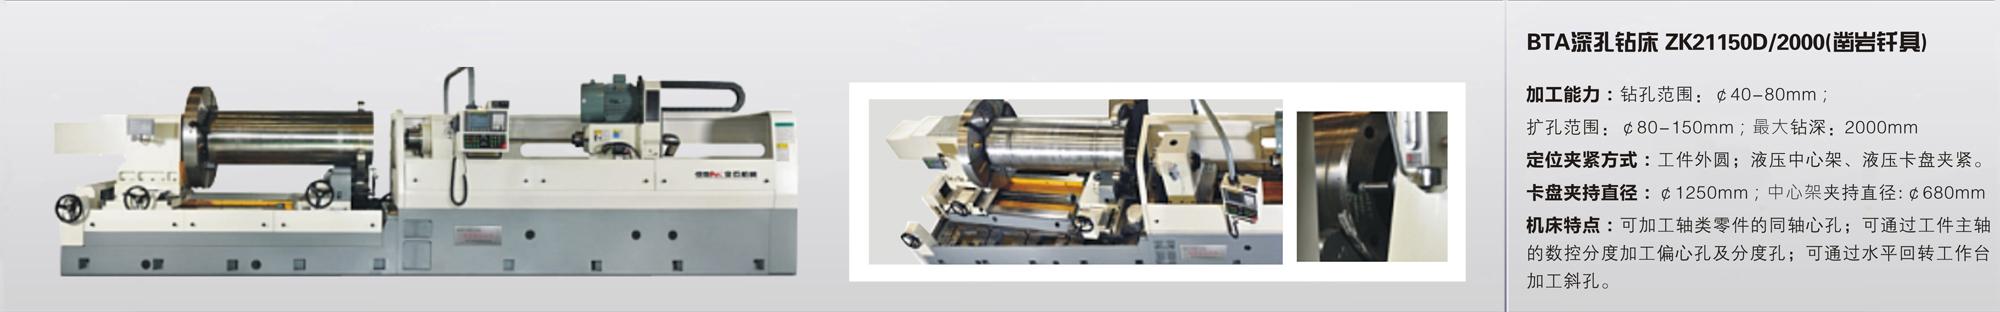 深孔钻机床ZK21150D/1500BTA及描述